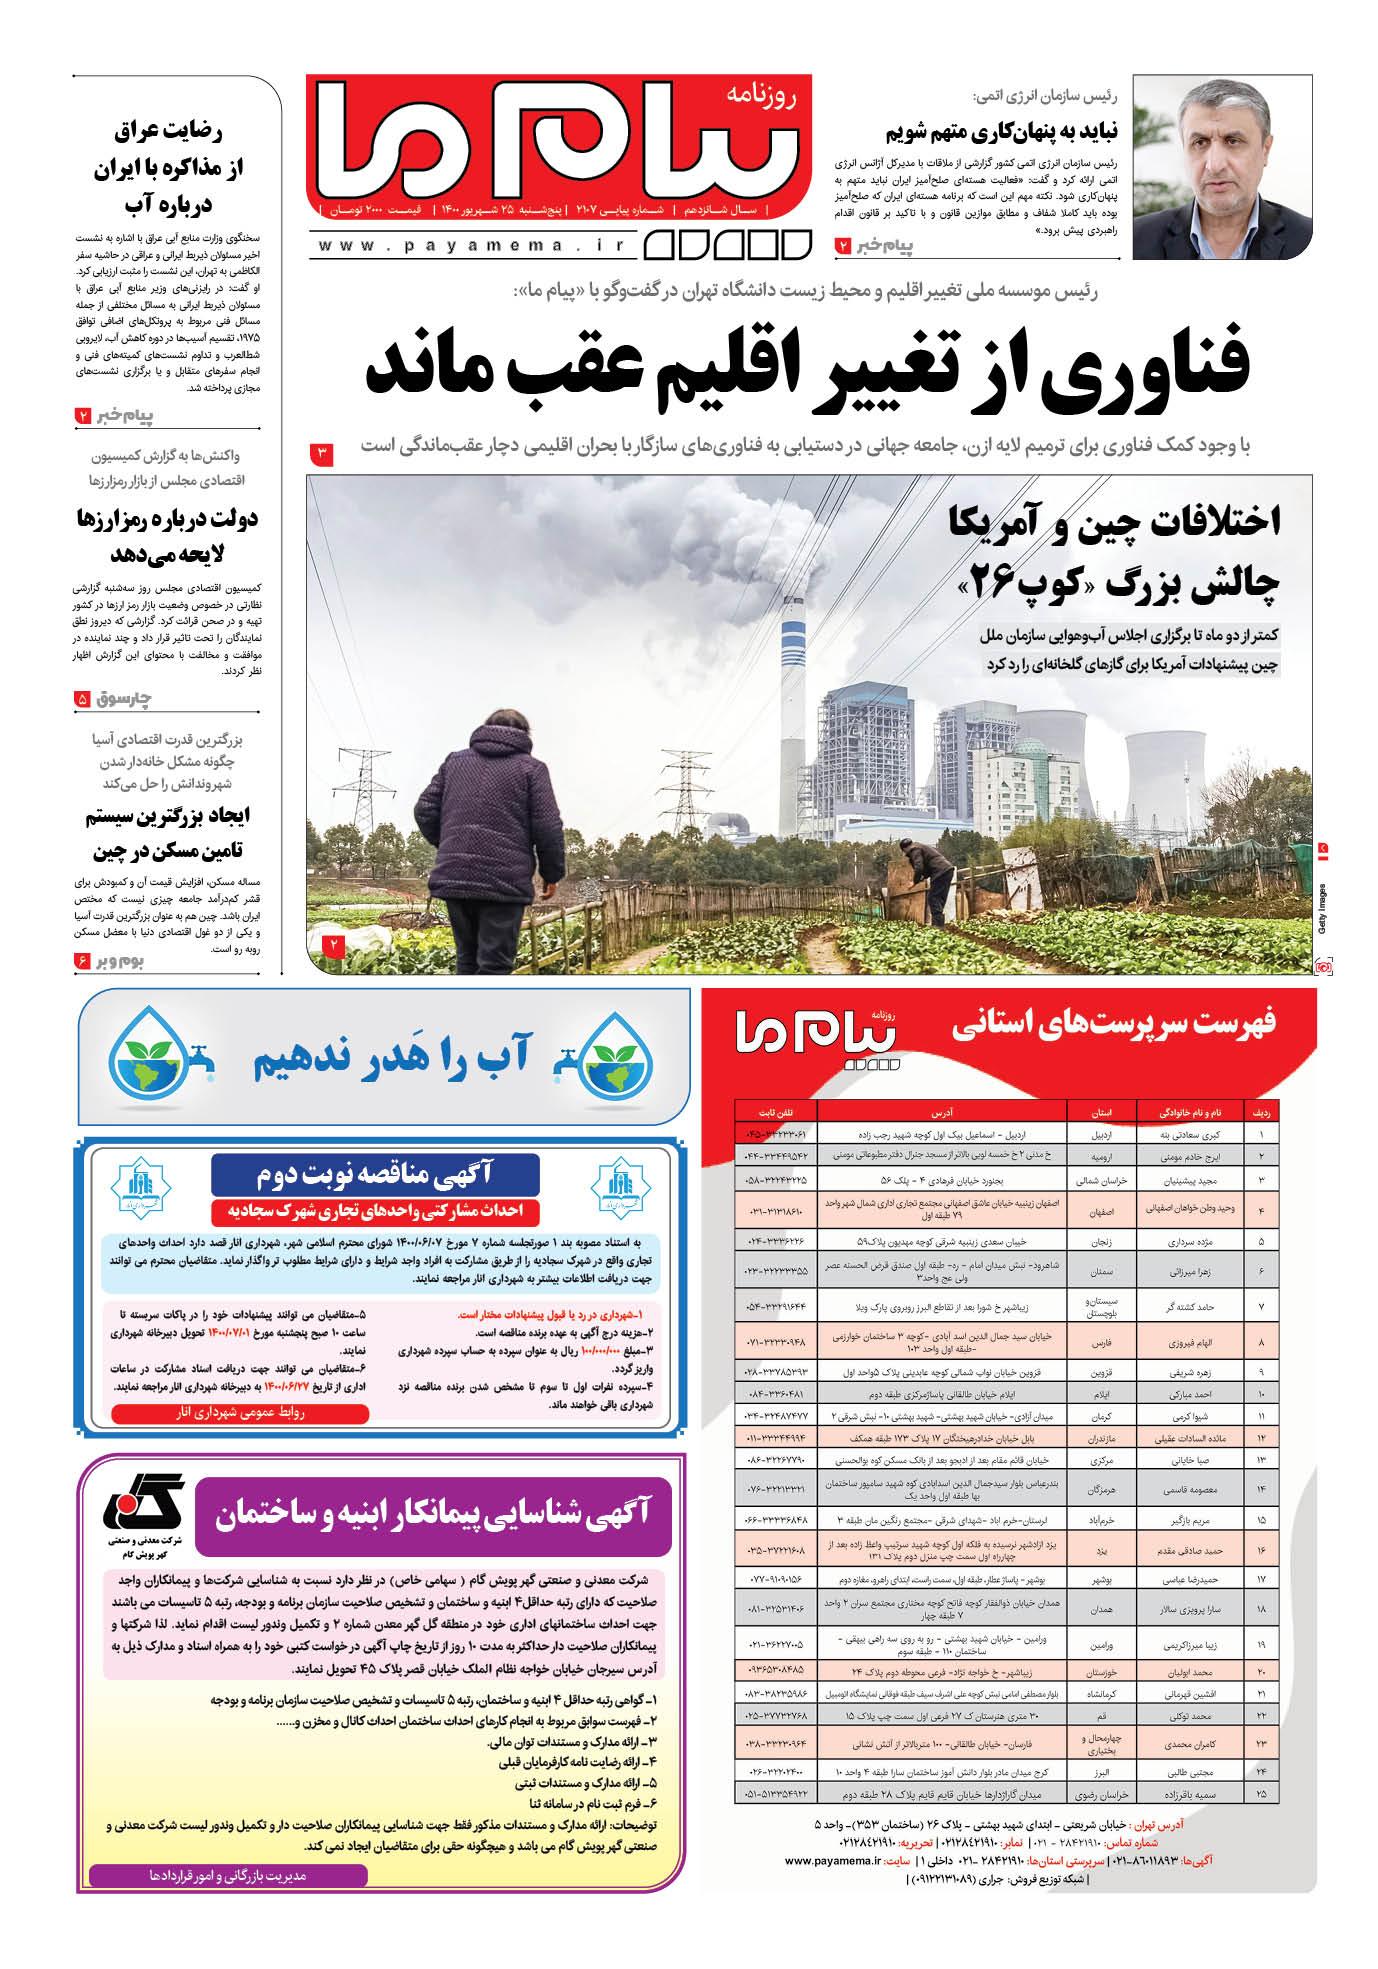 صفحه اول شماره 2107 روزنامه پیام ما